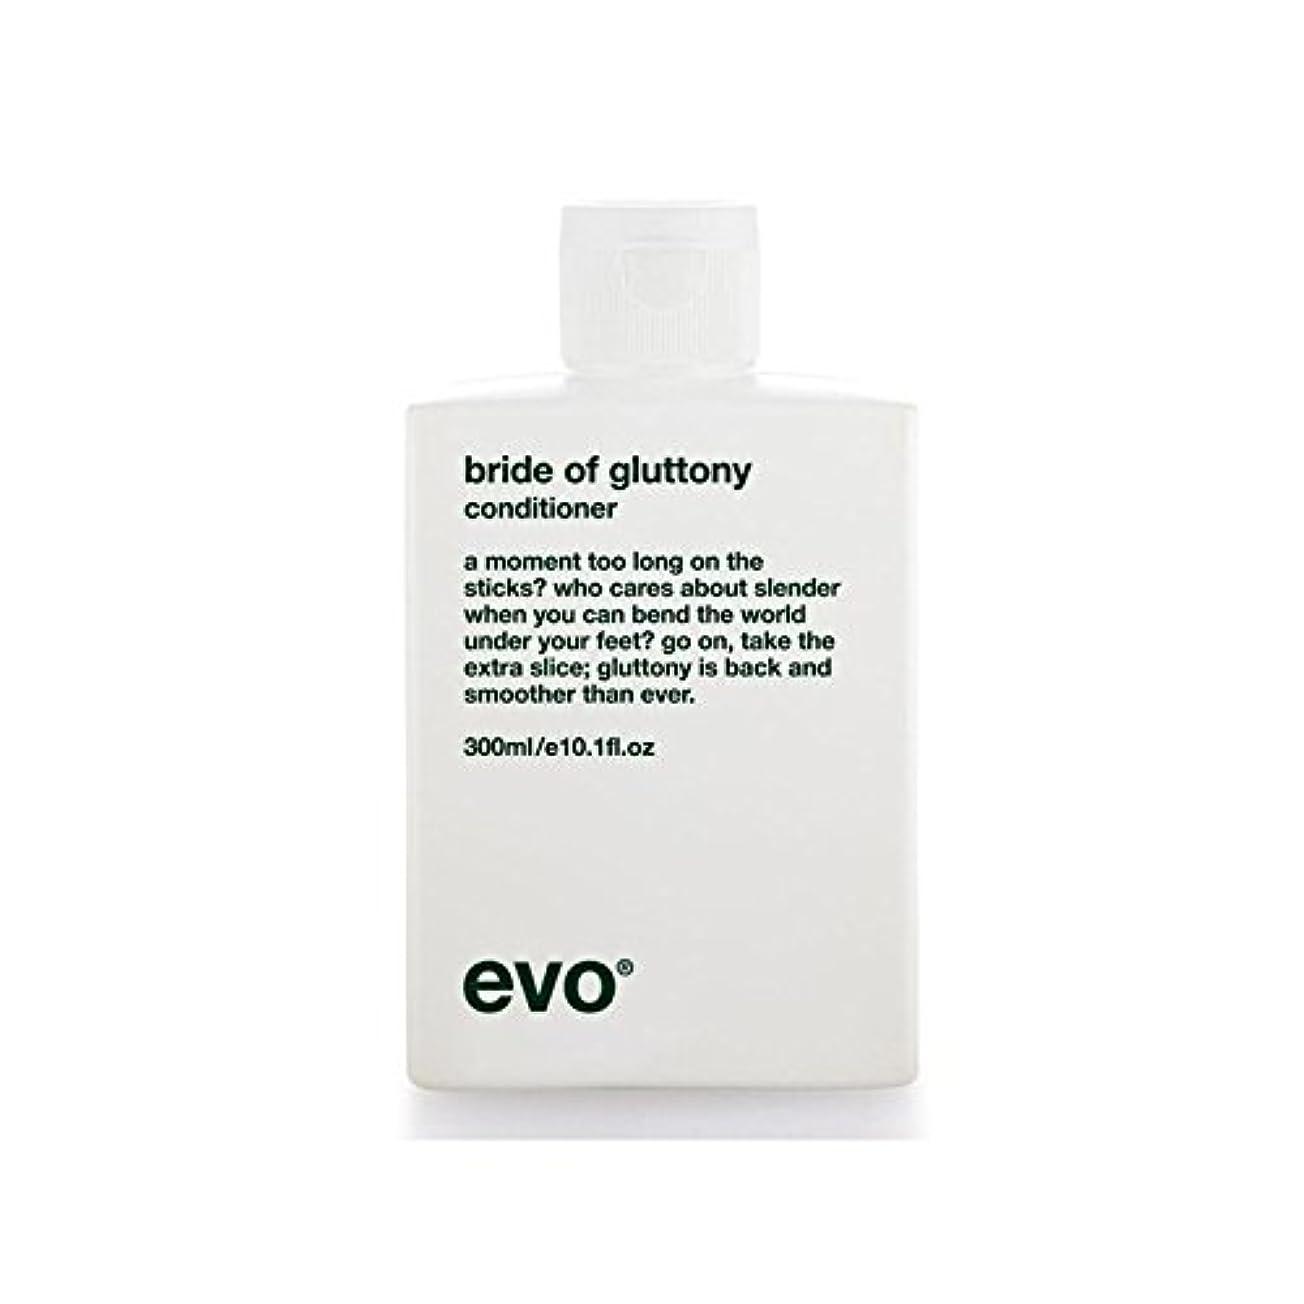 組み合わせる専門用語顔料飽食のボリュームコンディショナーのエボ花嫁 x4 - Evo Bride Of Gluttony Volume Conditioner (Pack of 4) [並行輸入品]